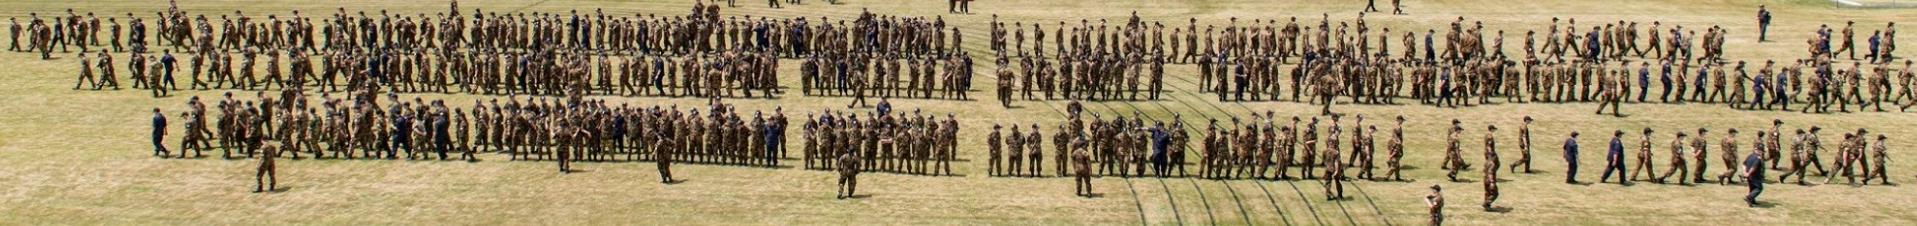 29 Squadron ATC